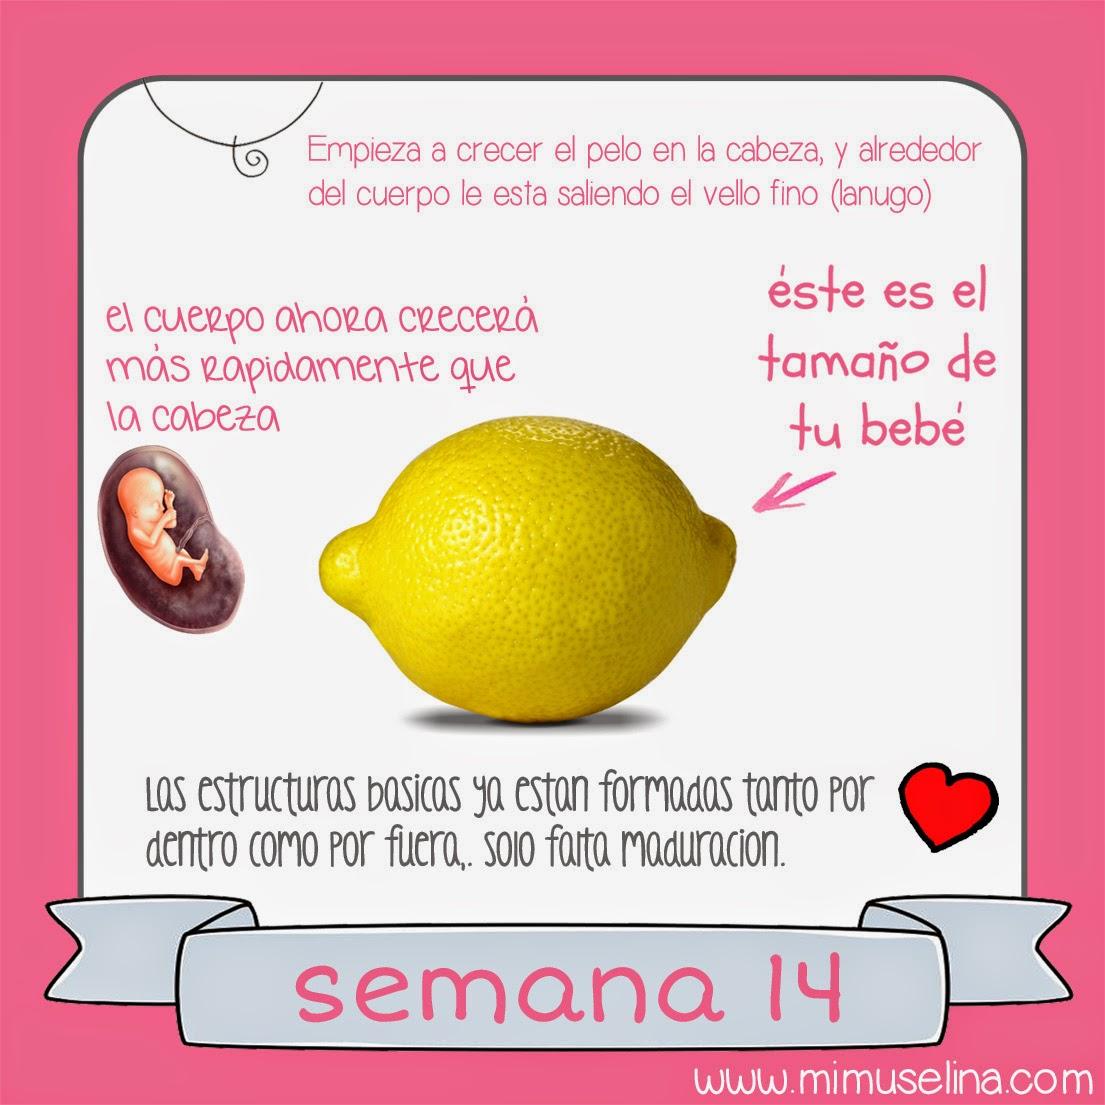 754e084a7 BebeBlog by mimuselina  Semana 14 embarazo. Tamaño y evolución del bebé   mimuselina